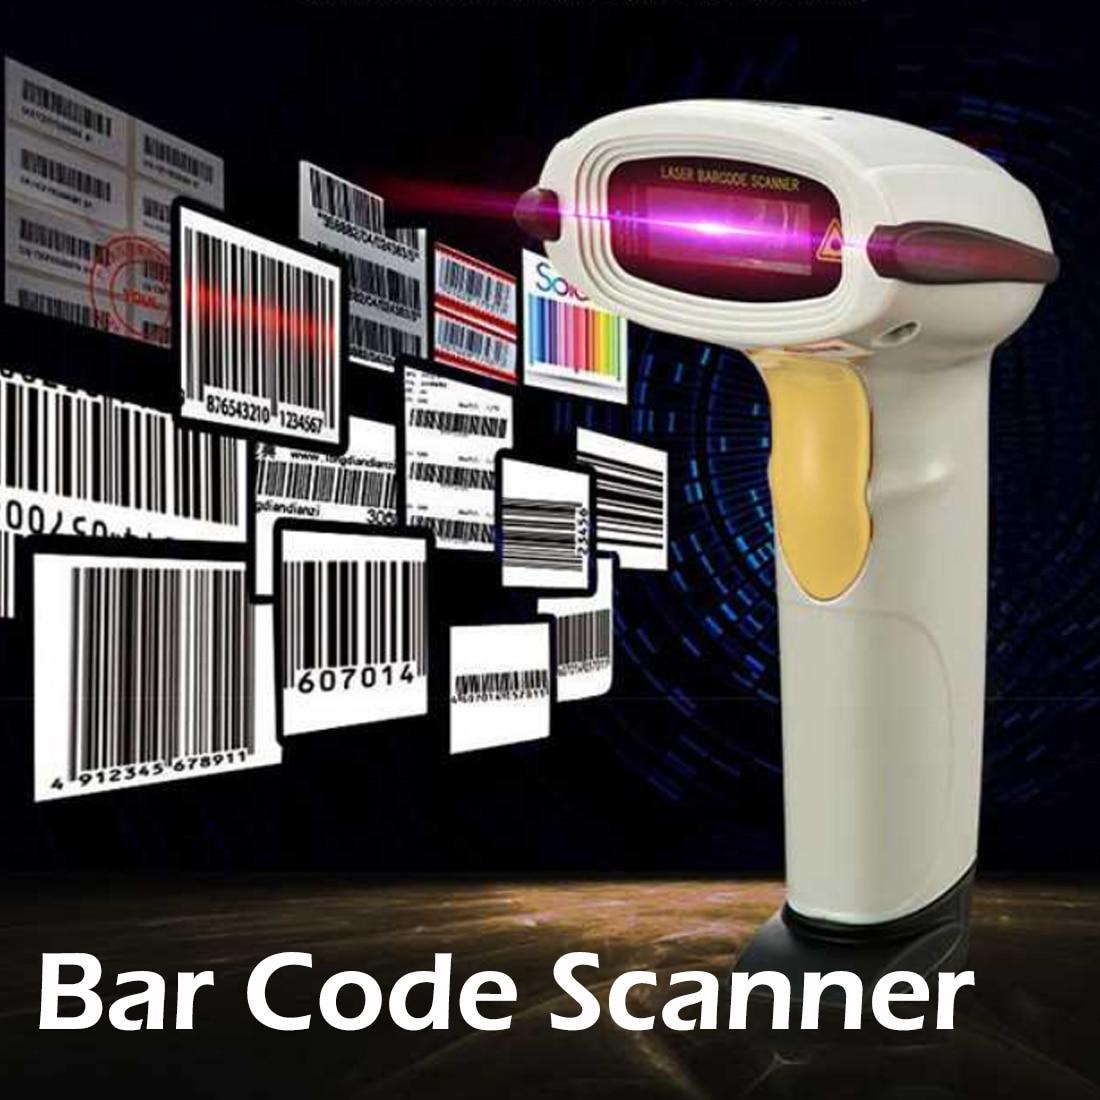 2.4G 10m Wireless laser usb barcode scanner storage with base wireless Barcode Scanner Bar Code Scanning Reader + USB Cable Hot2.4G 10m Wireless laser usb barcode scanner storage with base wireless Barcode Scanner Bar Code Scanning Reader + USB Cable Hot